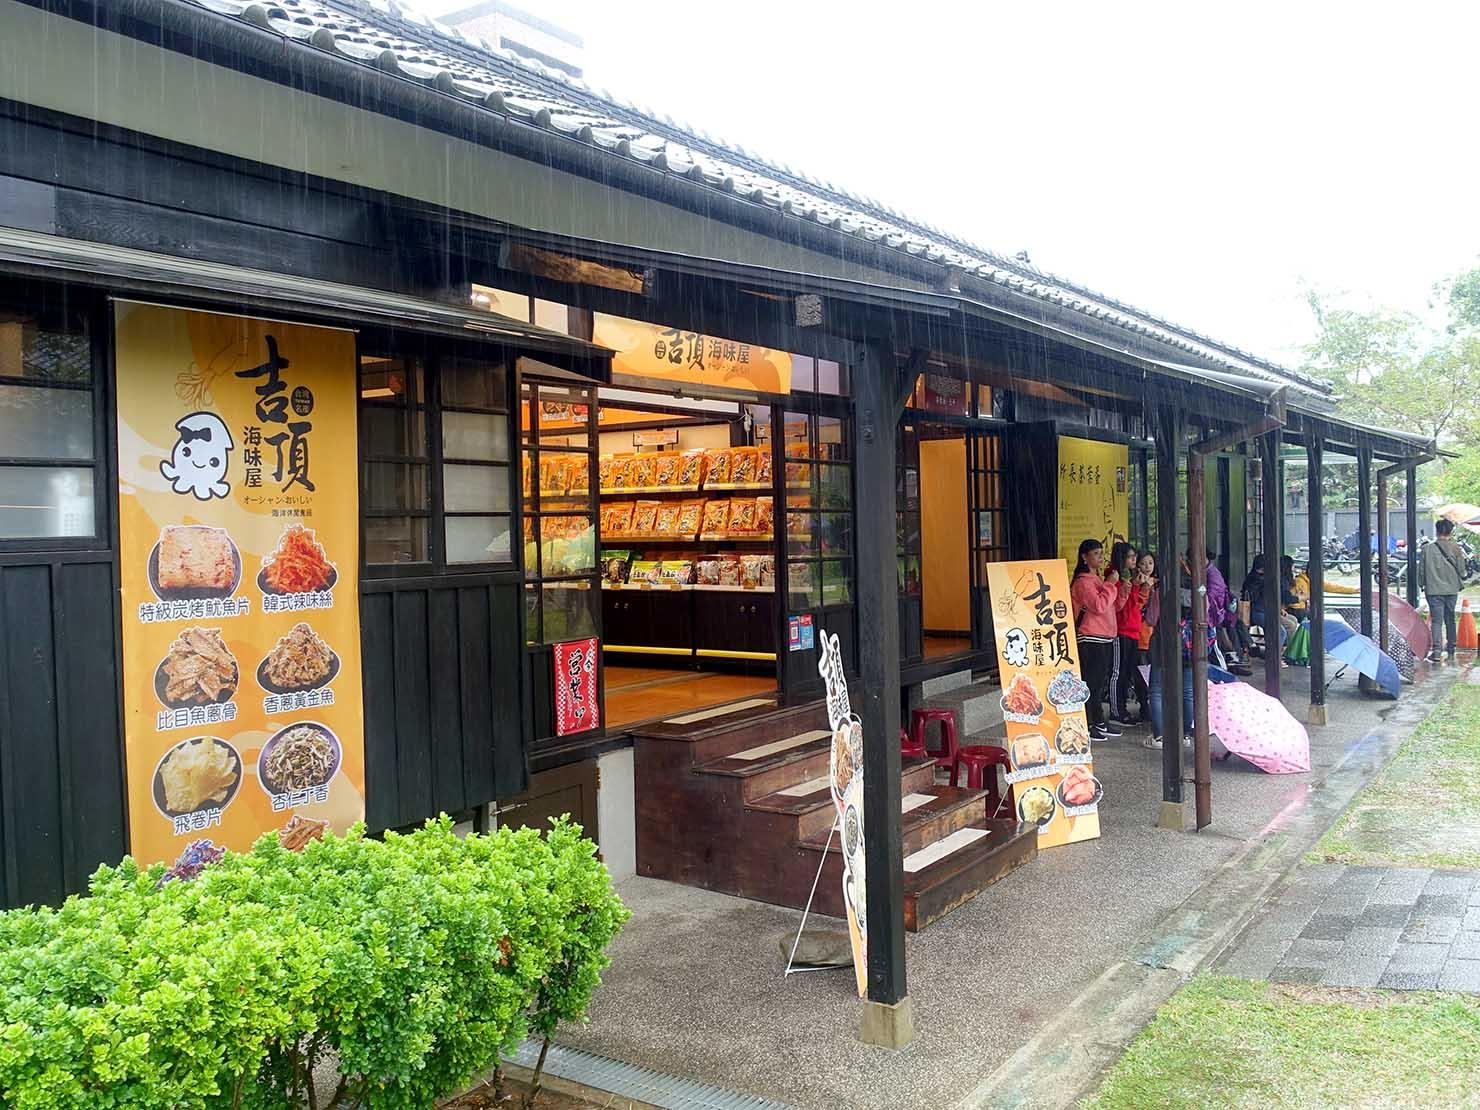 嘉義のおすすめ観光スポット「檜意森活村」のフード系おみやげ店